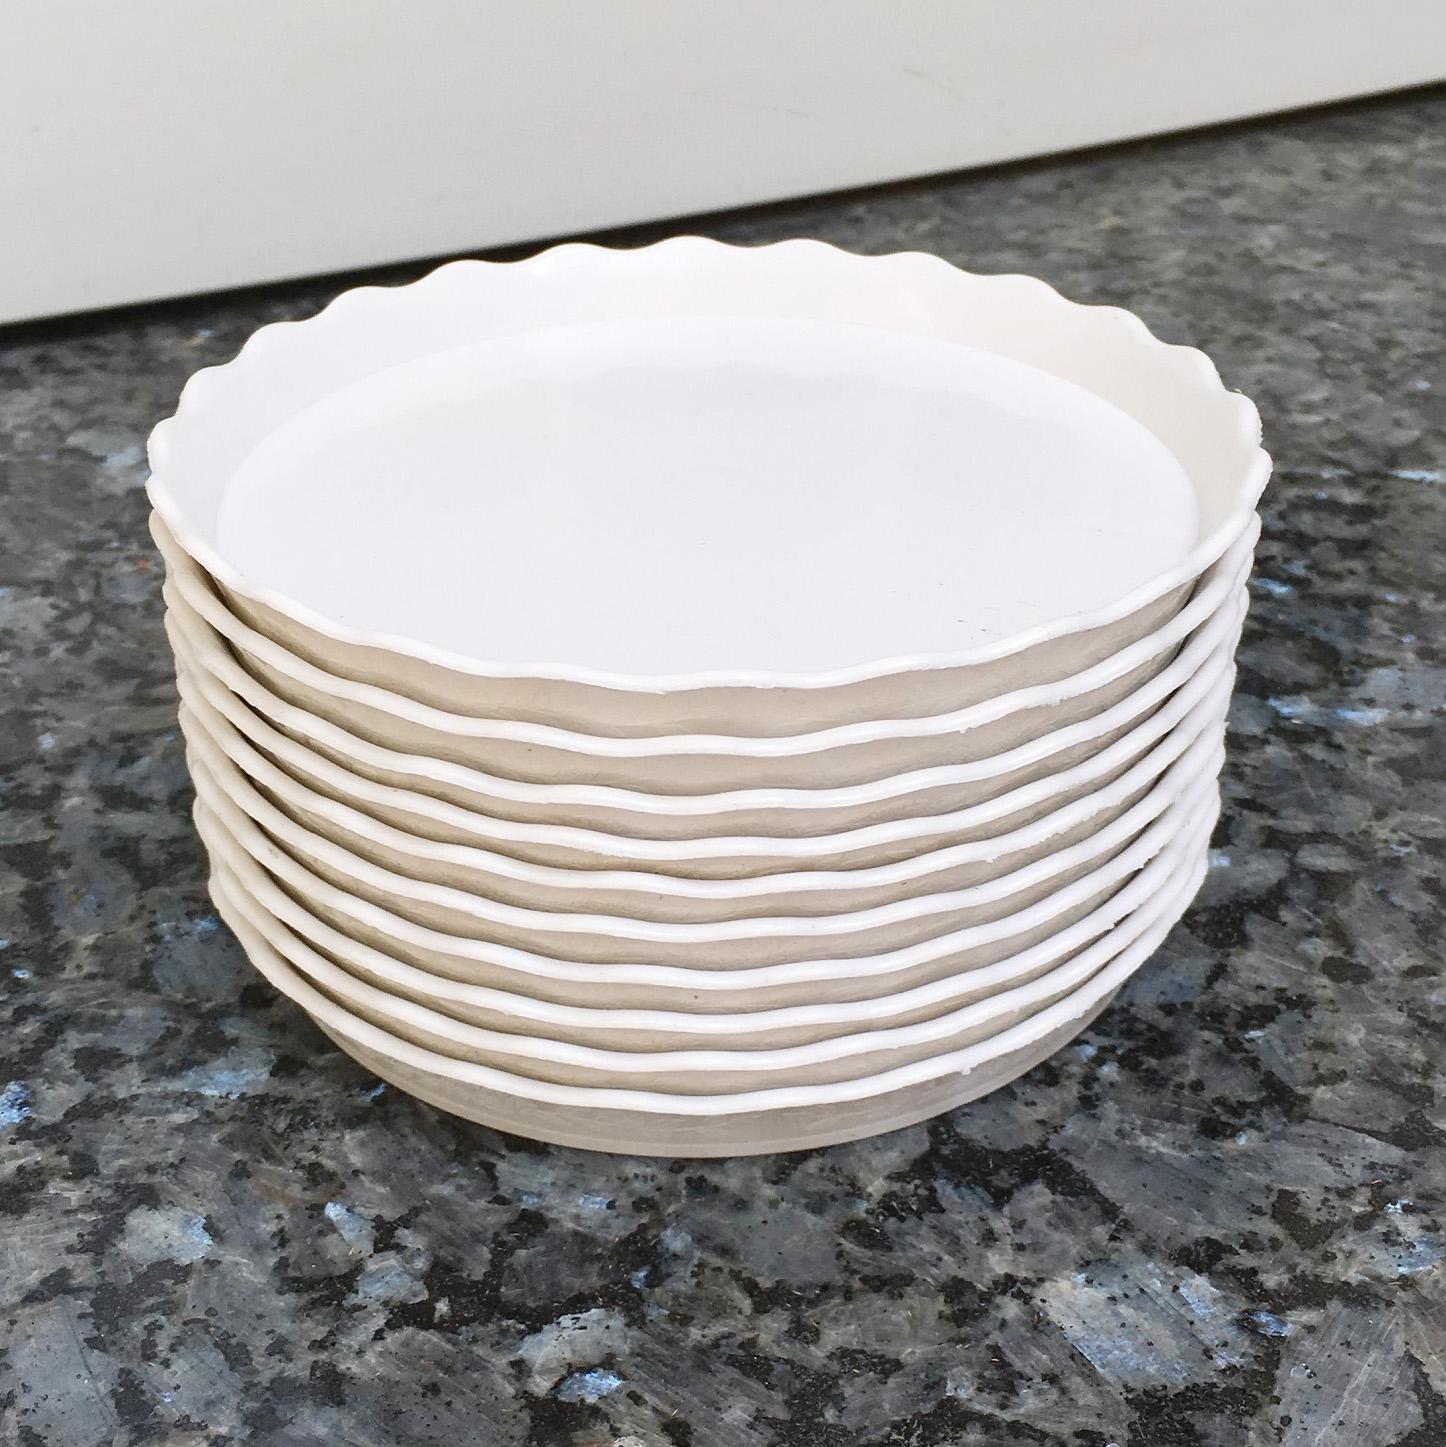 Bộ 10 đĩa lót chậu màu trắng đường kính 15cm